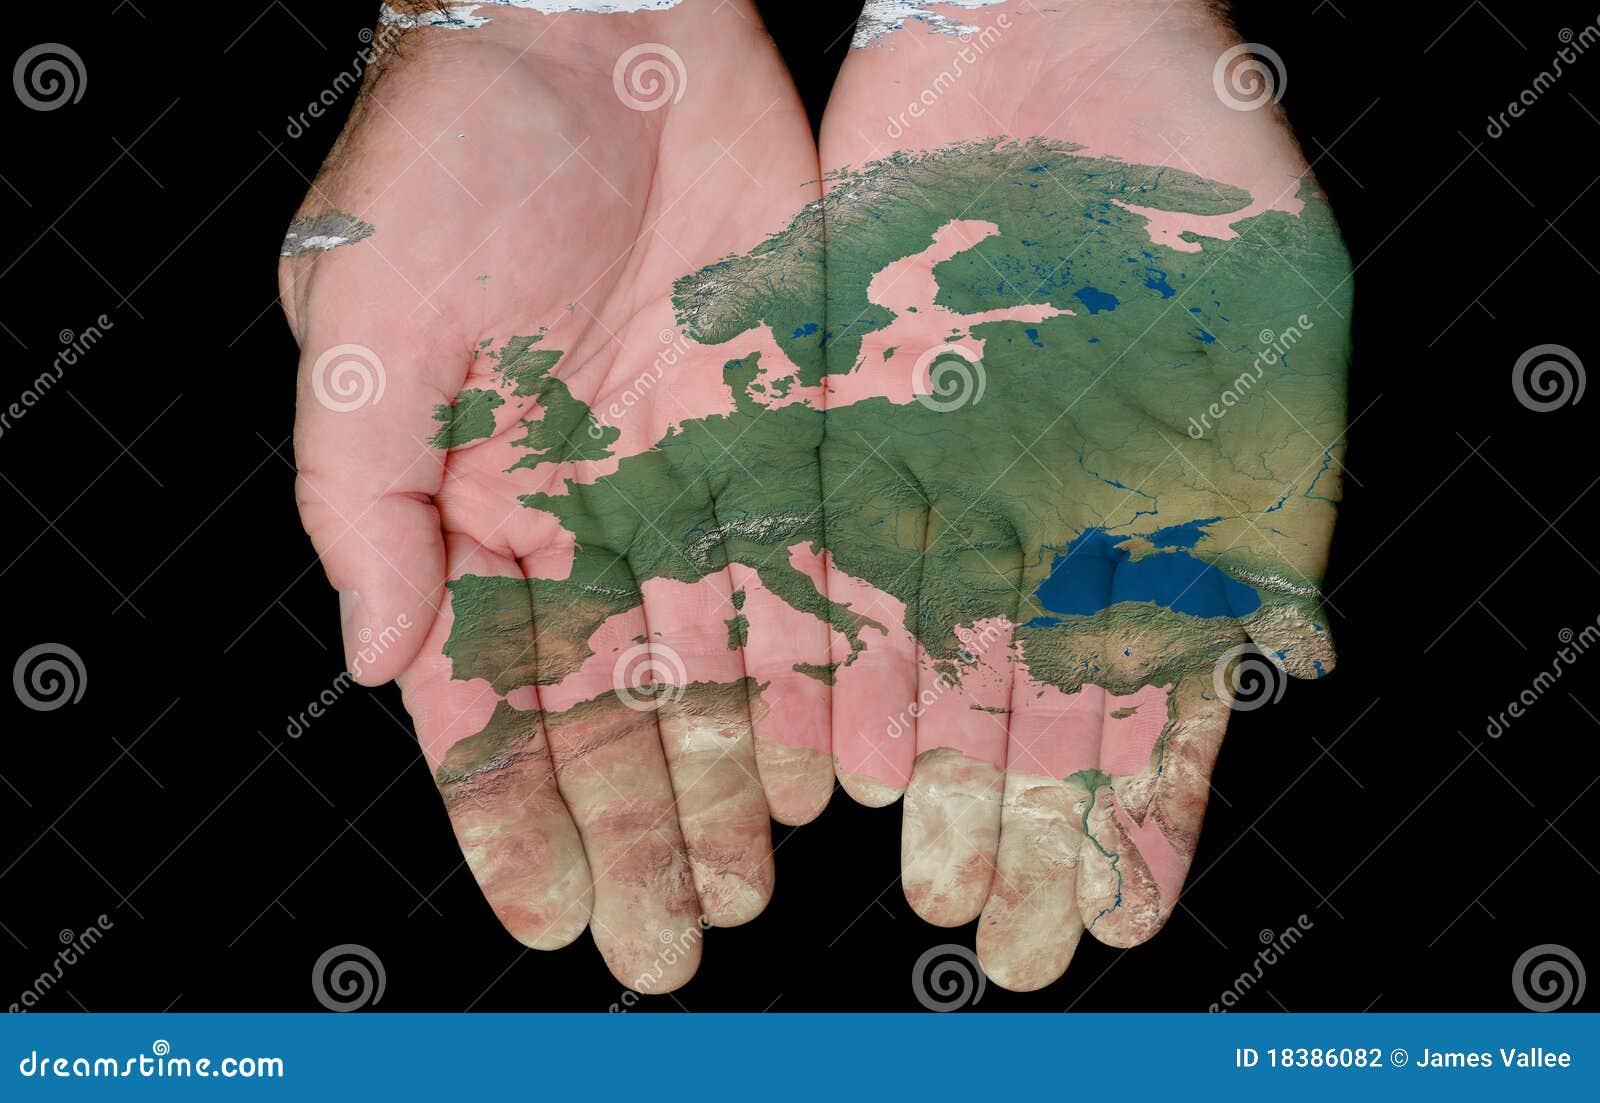 Geschilderde Kaart van Europa in Onze Handen